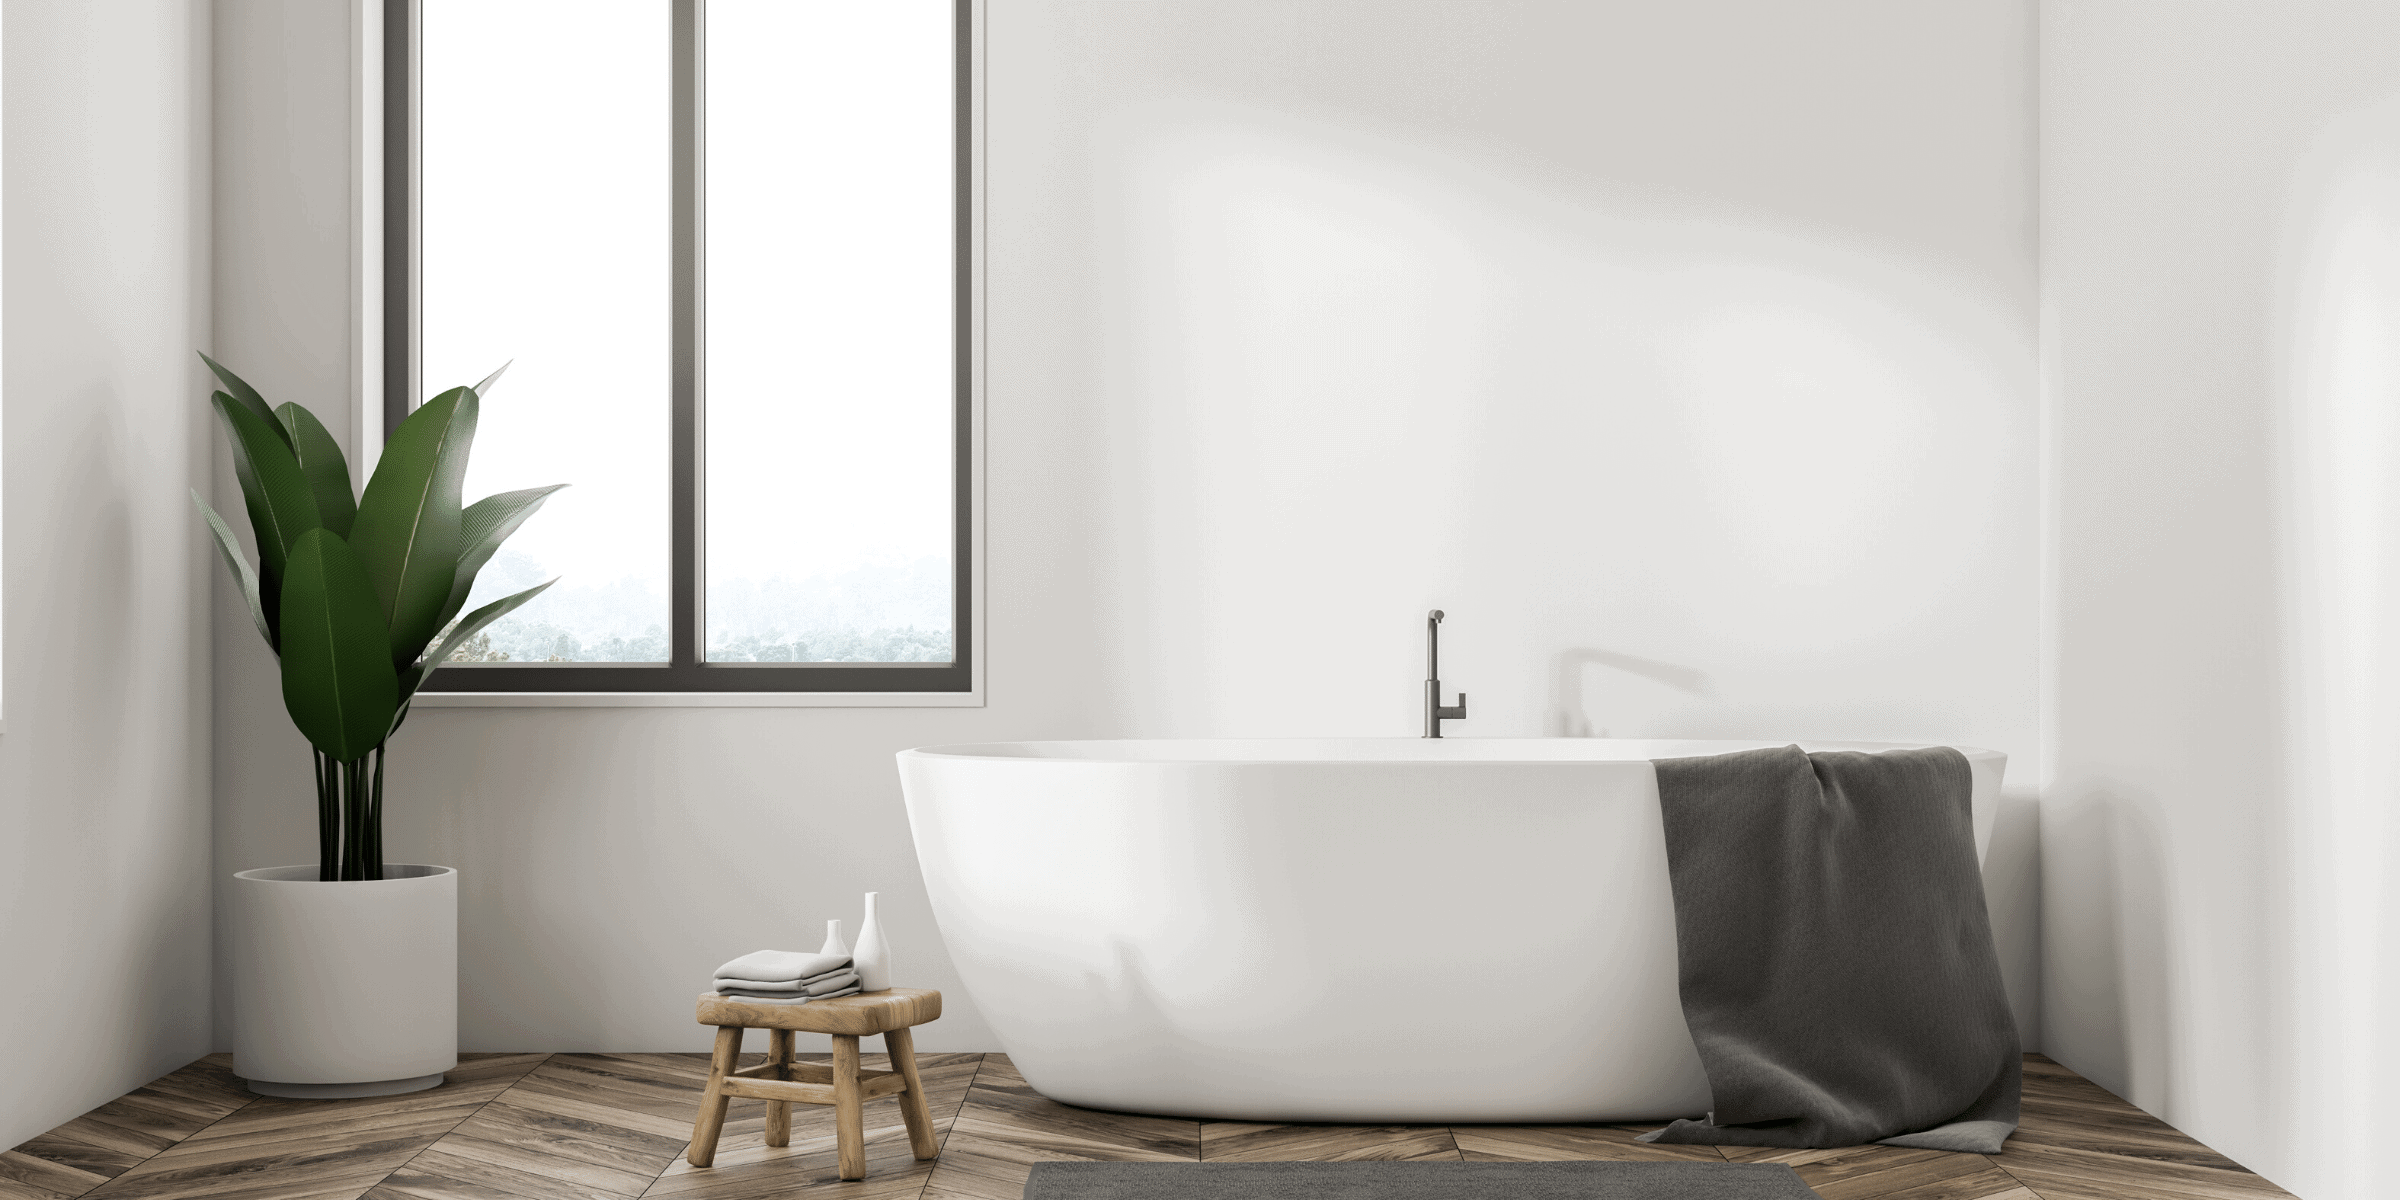 eco-friendly bathroom designs